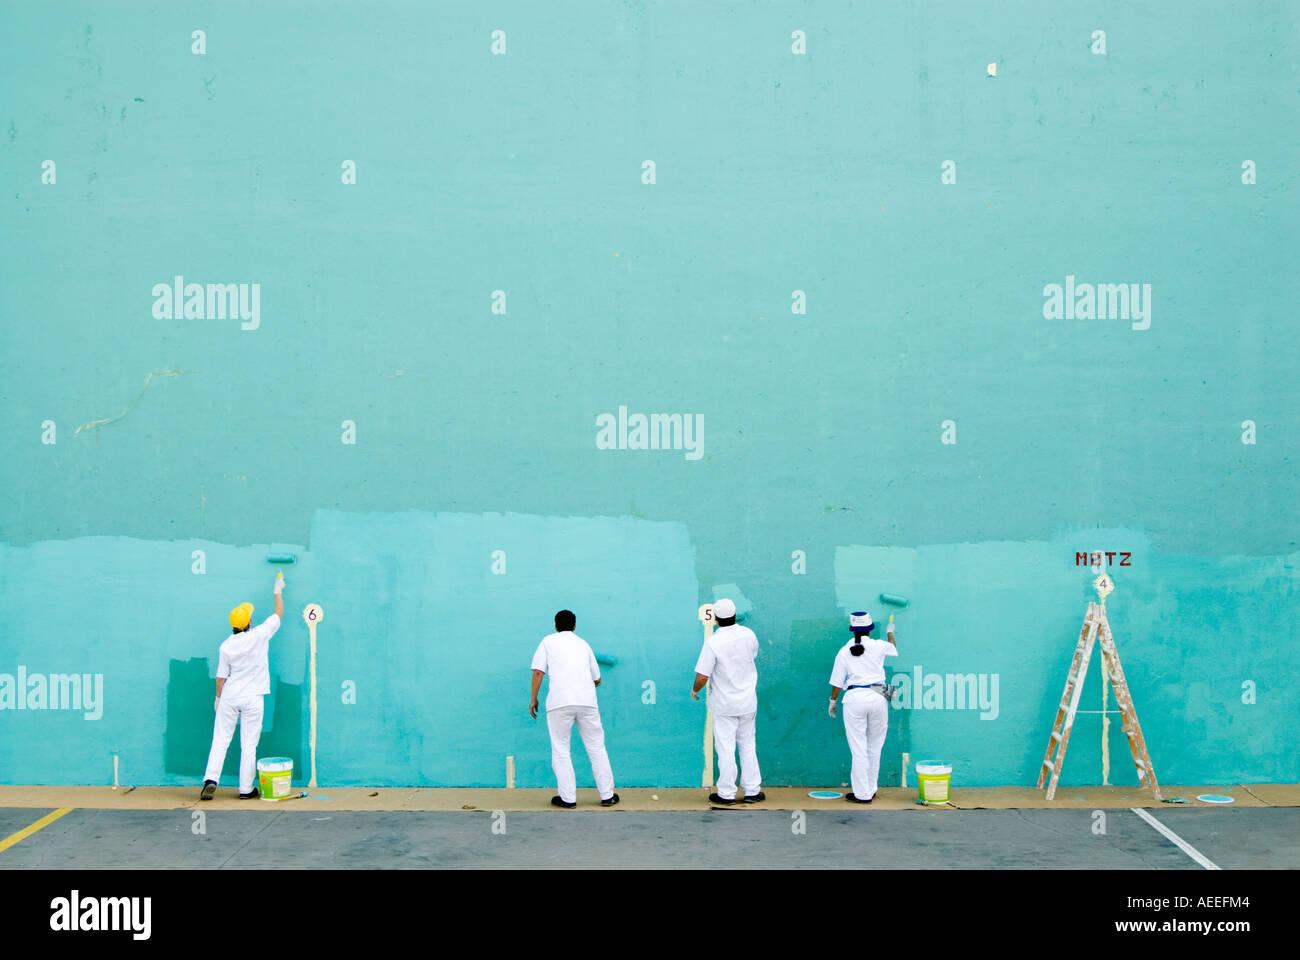 Équipe de travailleurs peinture grand mur blanc turquoise sur jeu de pelote basque, Espagne Photo Stock